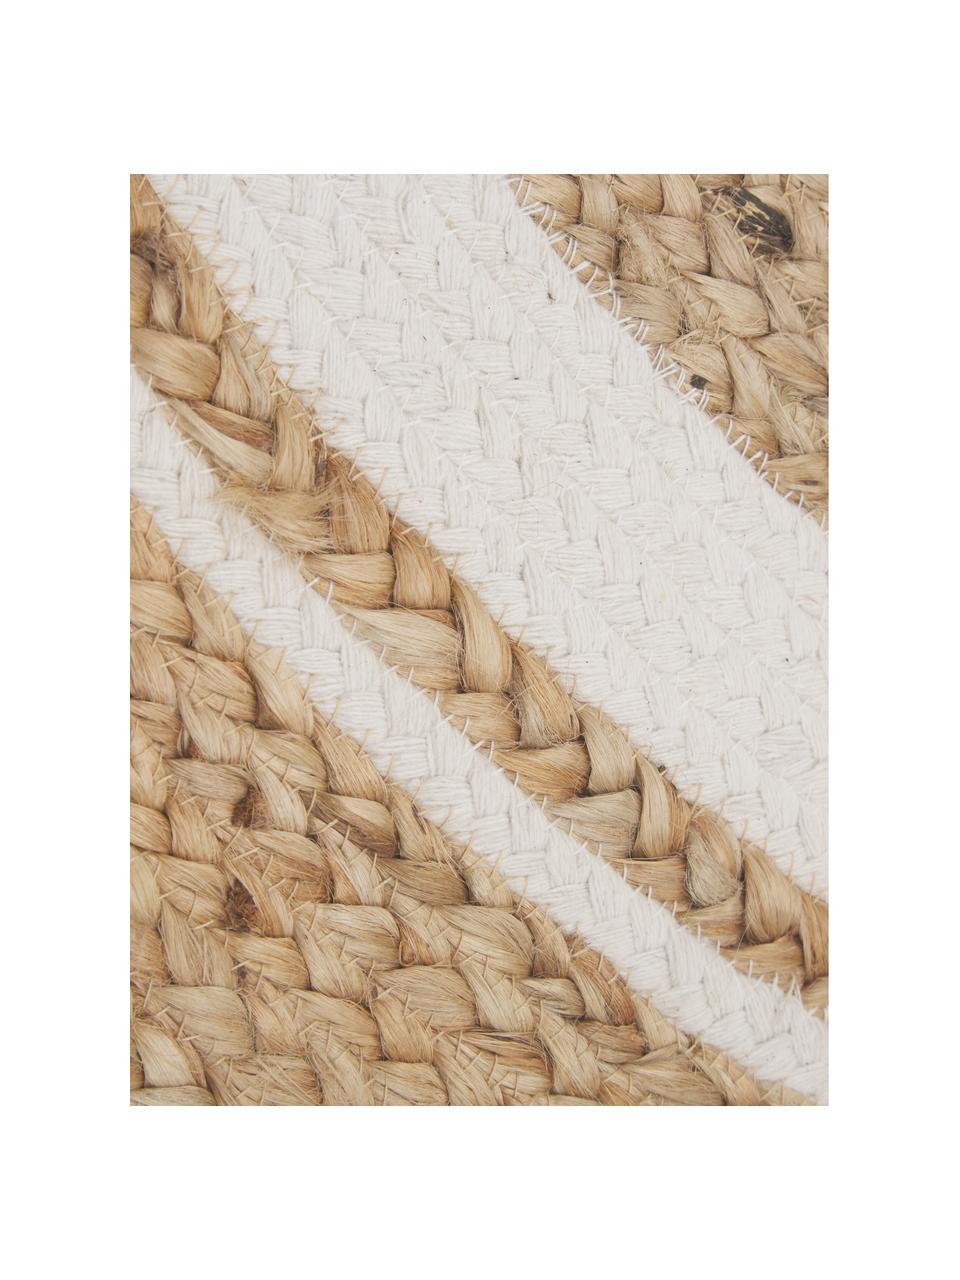 Handgefertigter Jute-Teppich Clover, 75 % Jute, 24 % Baumwolle, 1 % Polyester, Beige, Weiß, Ø 120 cm (Größe S)